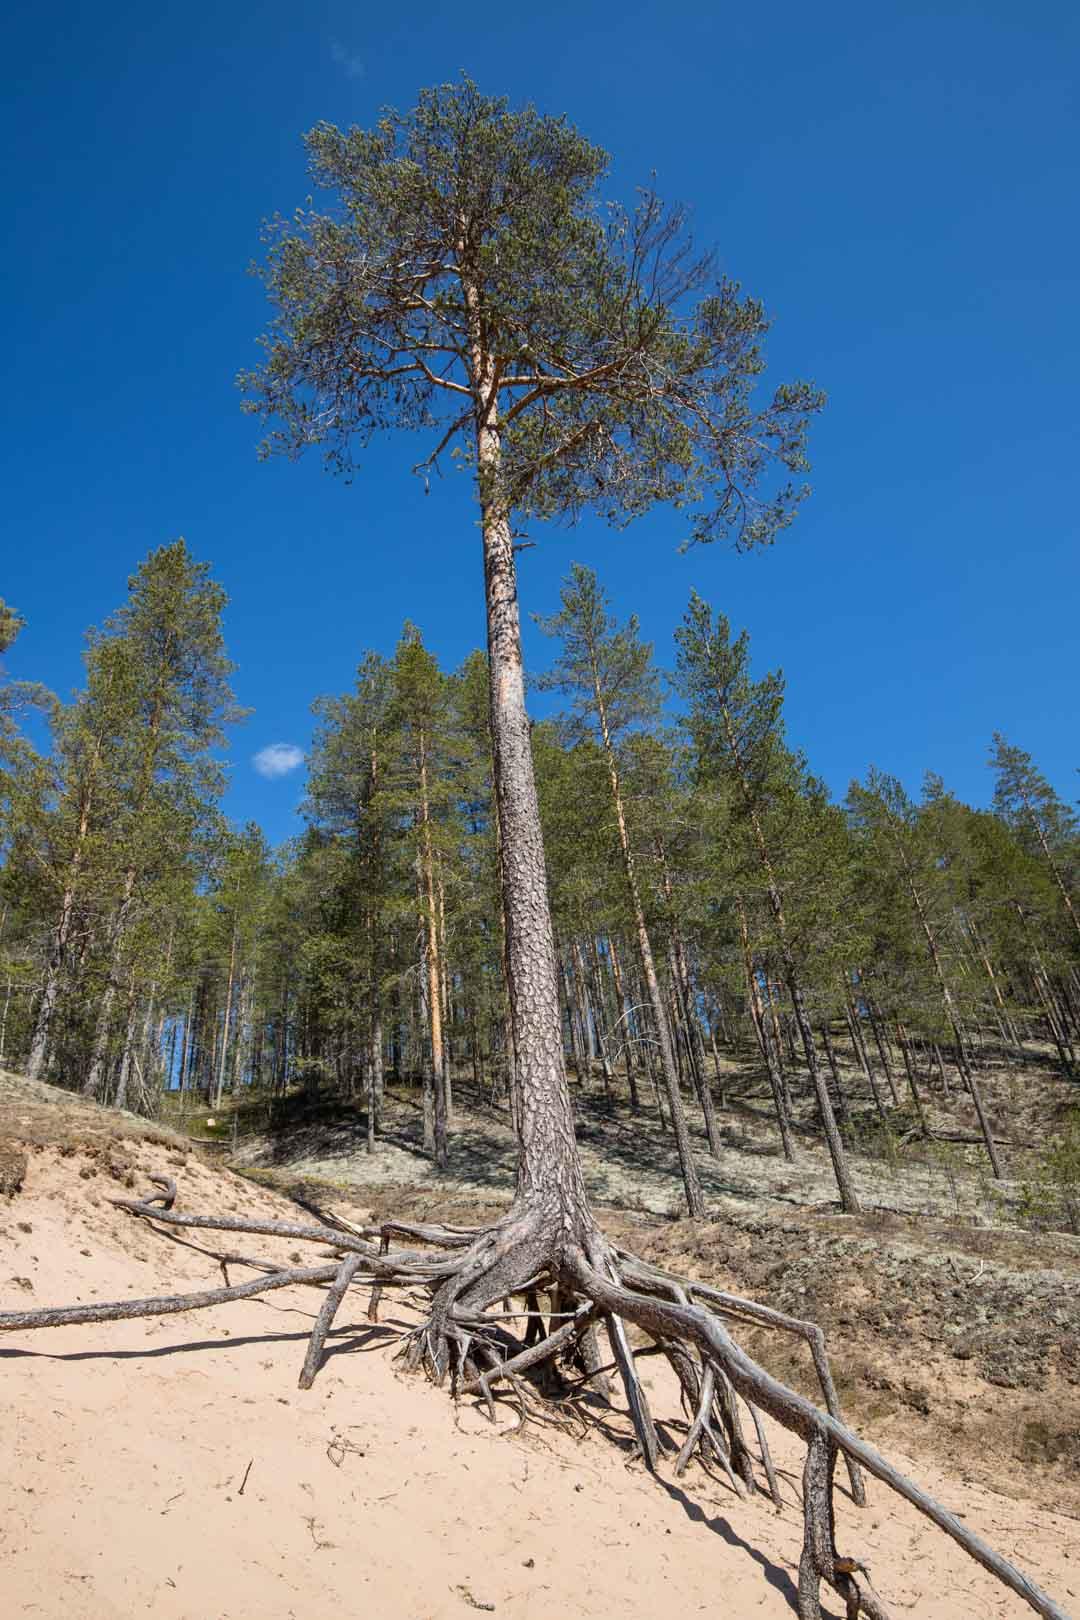 puu Rokuan kansallispuistossa